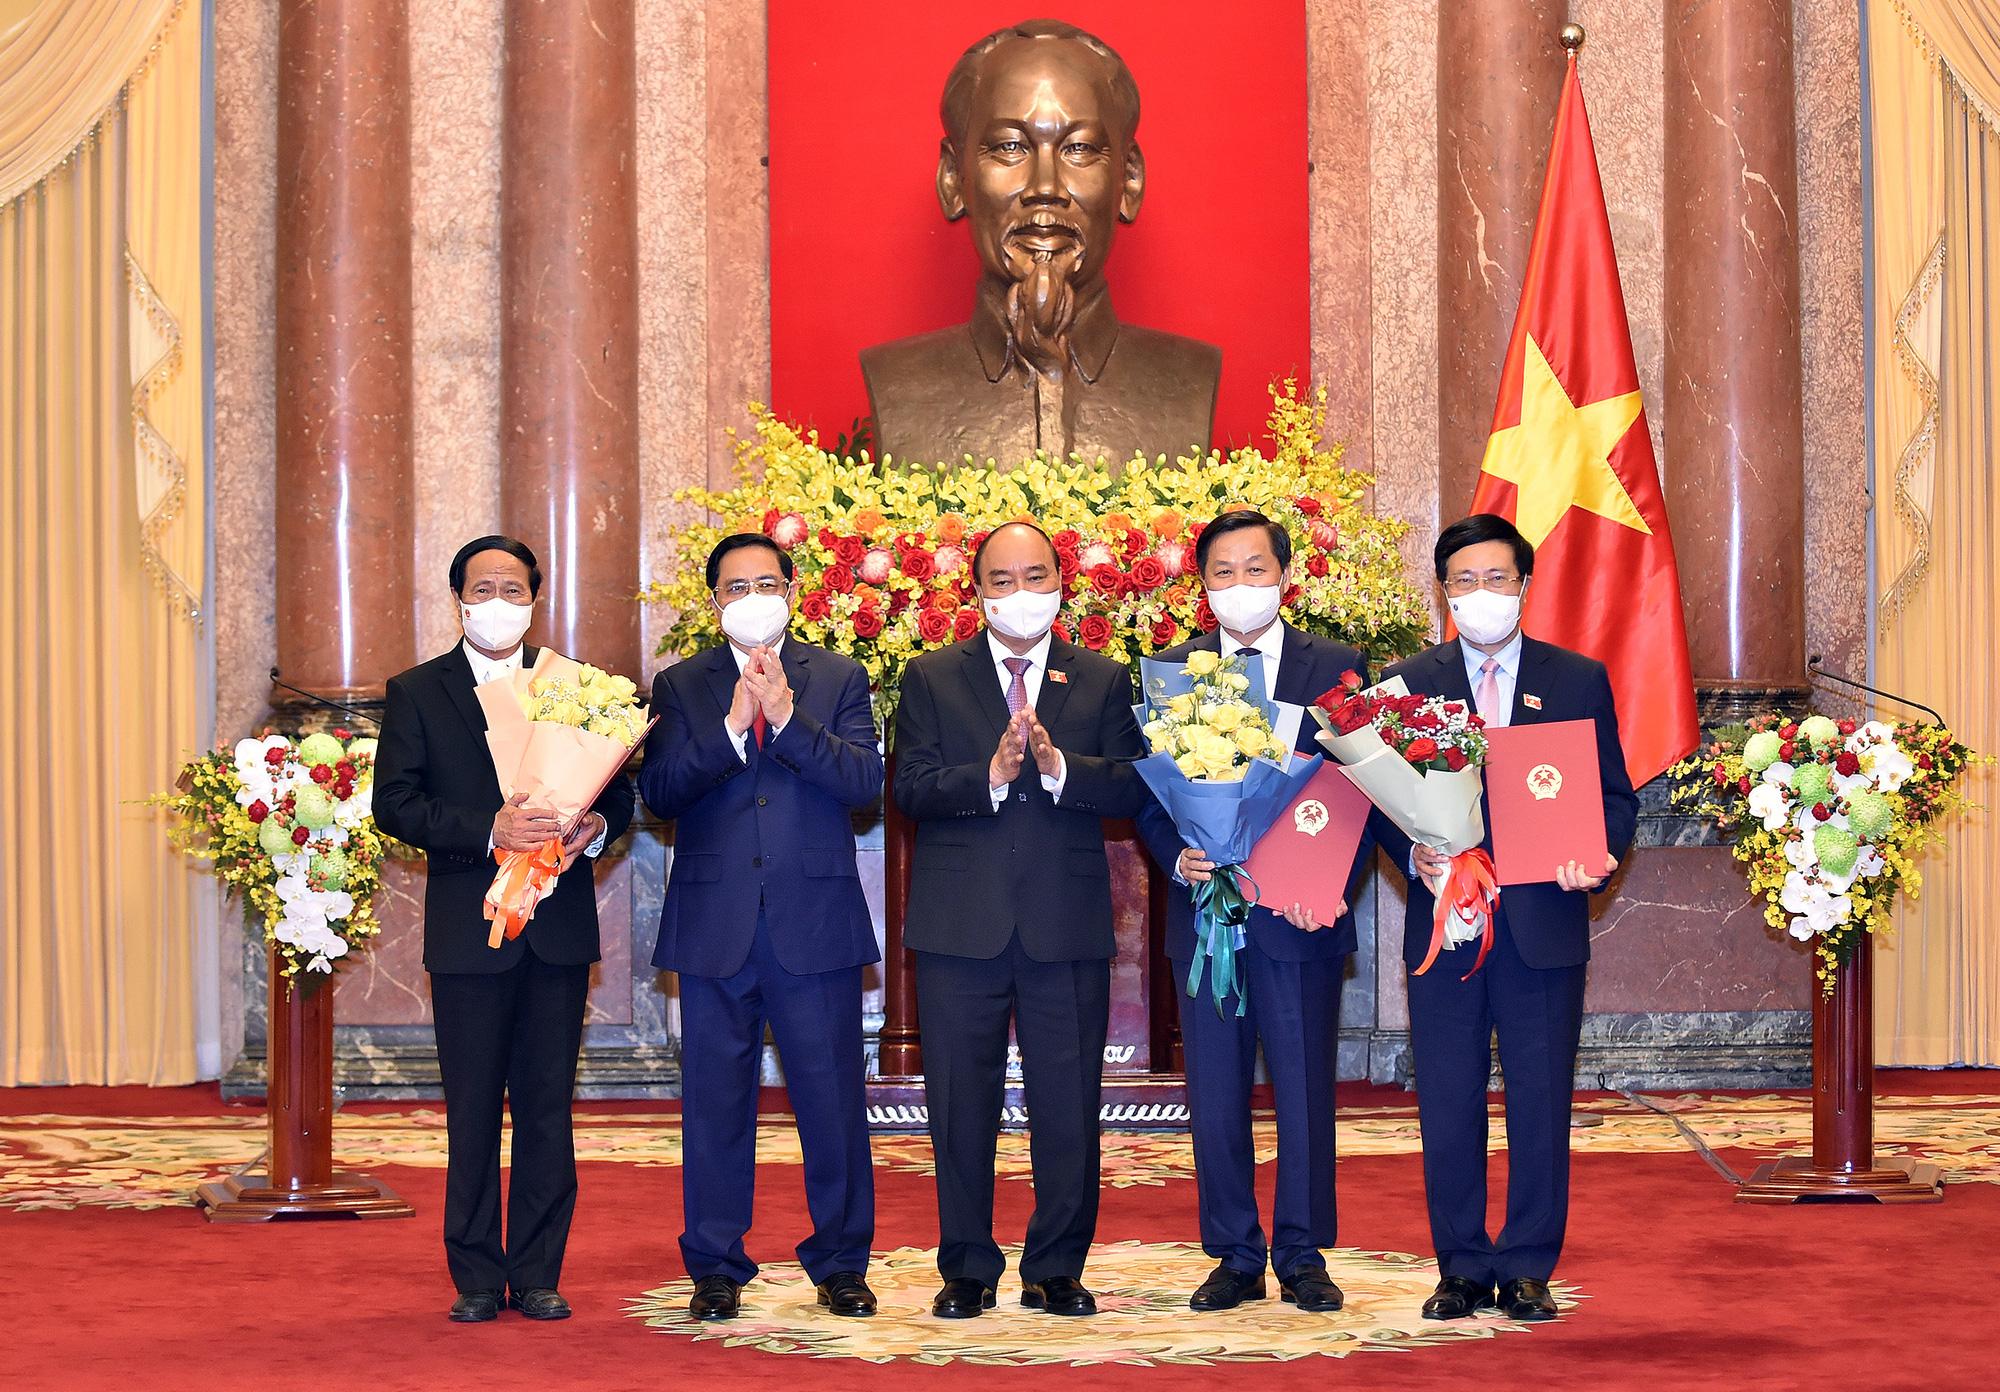 Chủ tịch nước: Chính phủ sẽ đẩy lùi đại dịch, sớm đưa đất nước trở về 'trạng thái bình thường mới' - Ảnh 1.